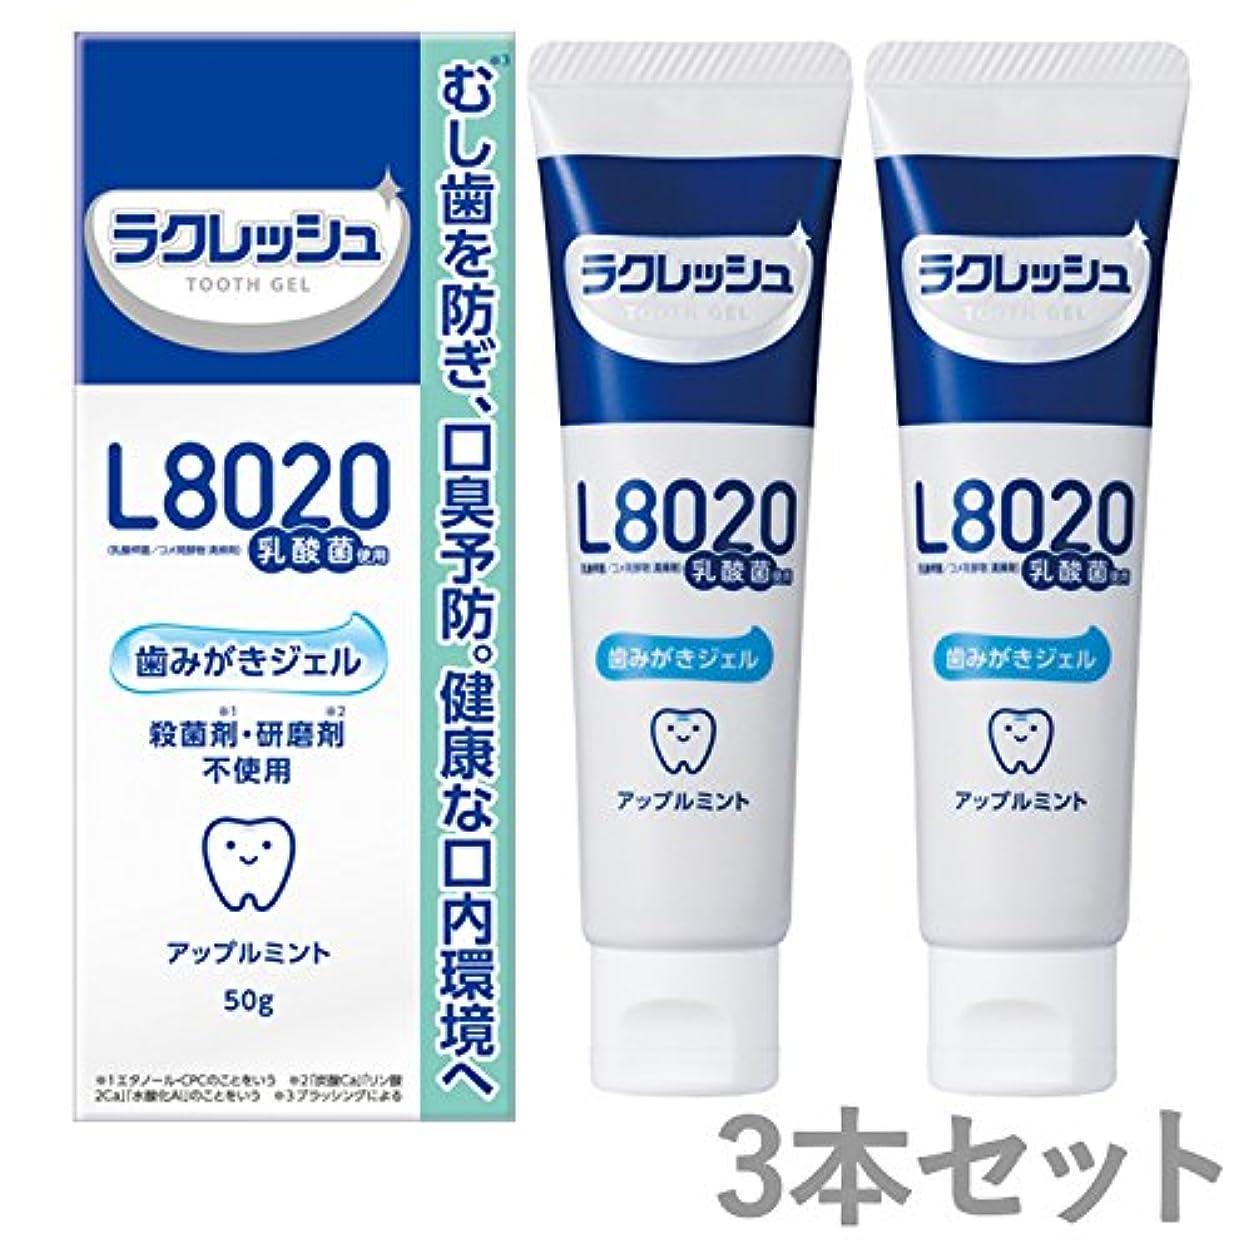 製作ハウジング確認ジェクス L8020乳酸菌 ラクレッシュ 歯みがきジェル 50g × 3個セット